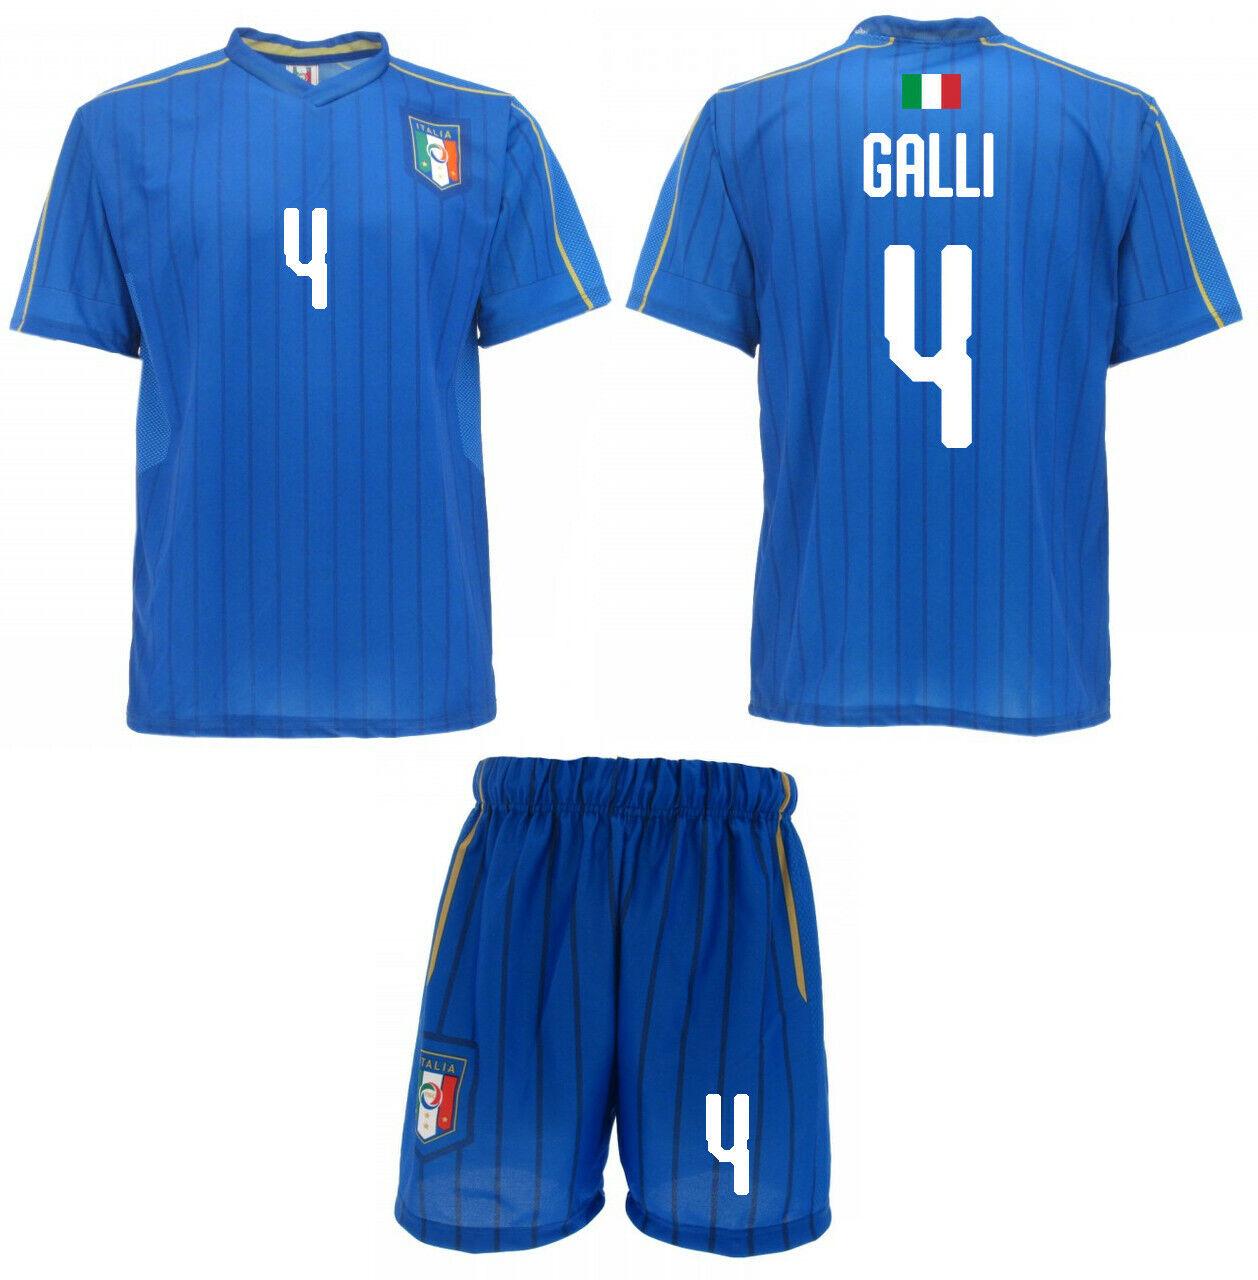 Maglia Calzoni GALLI Ufficiale Italia Nazionale azzurra Donne 4 AURORA